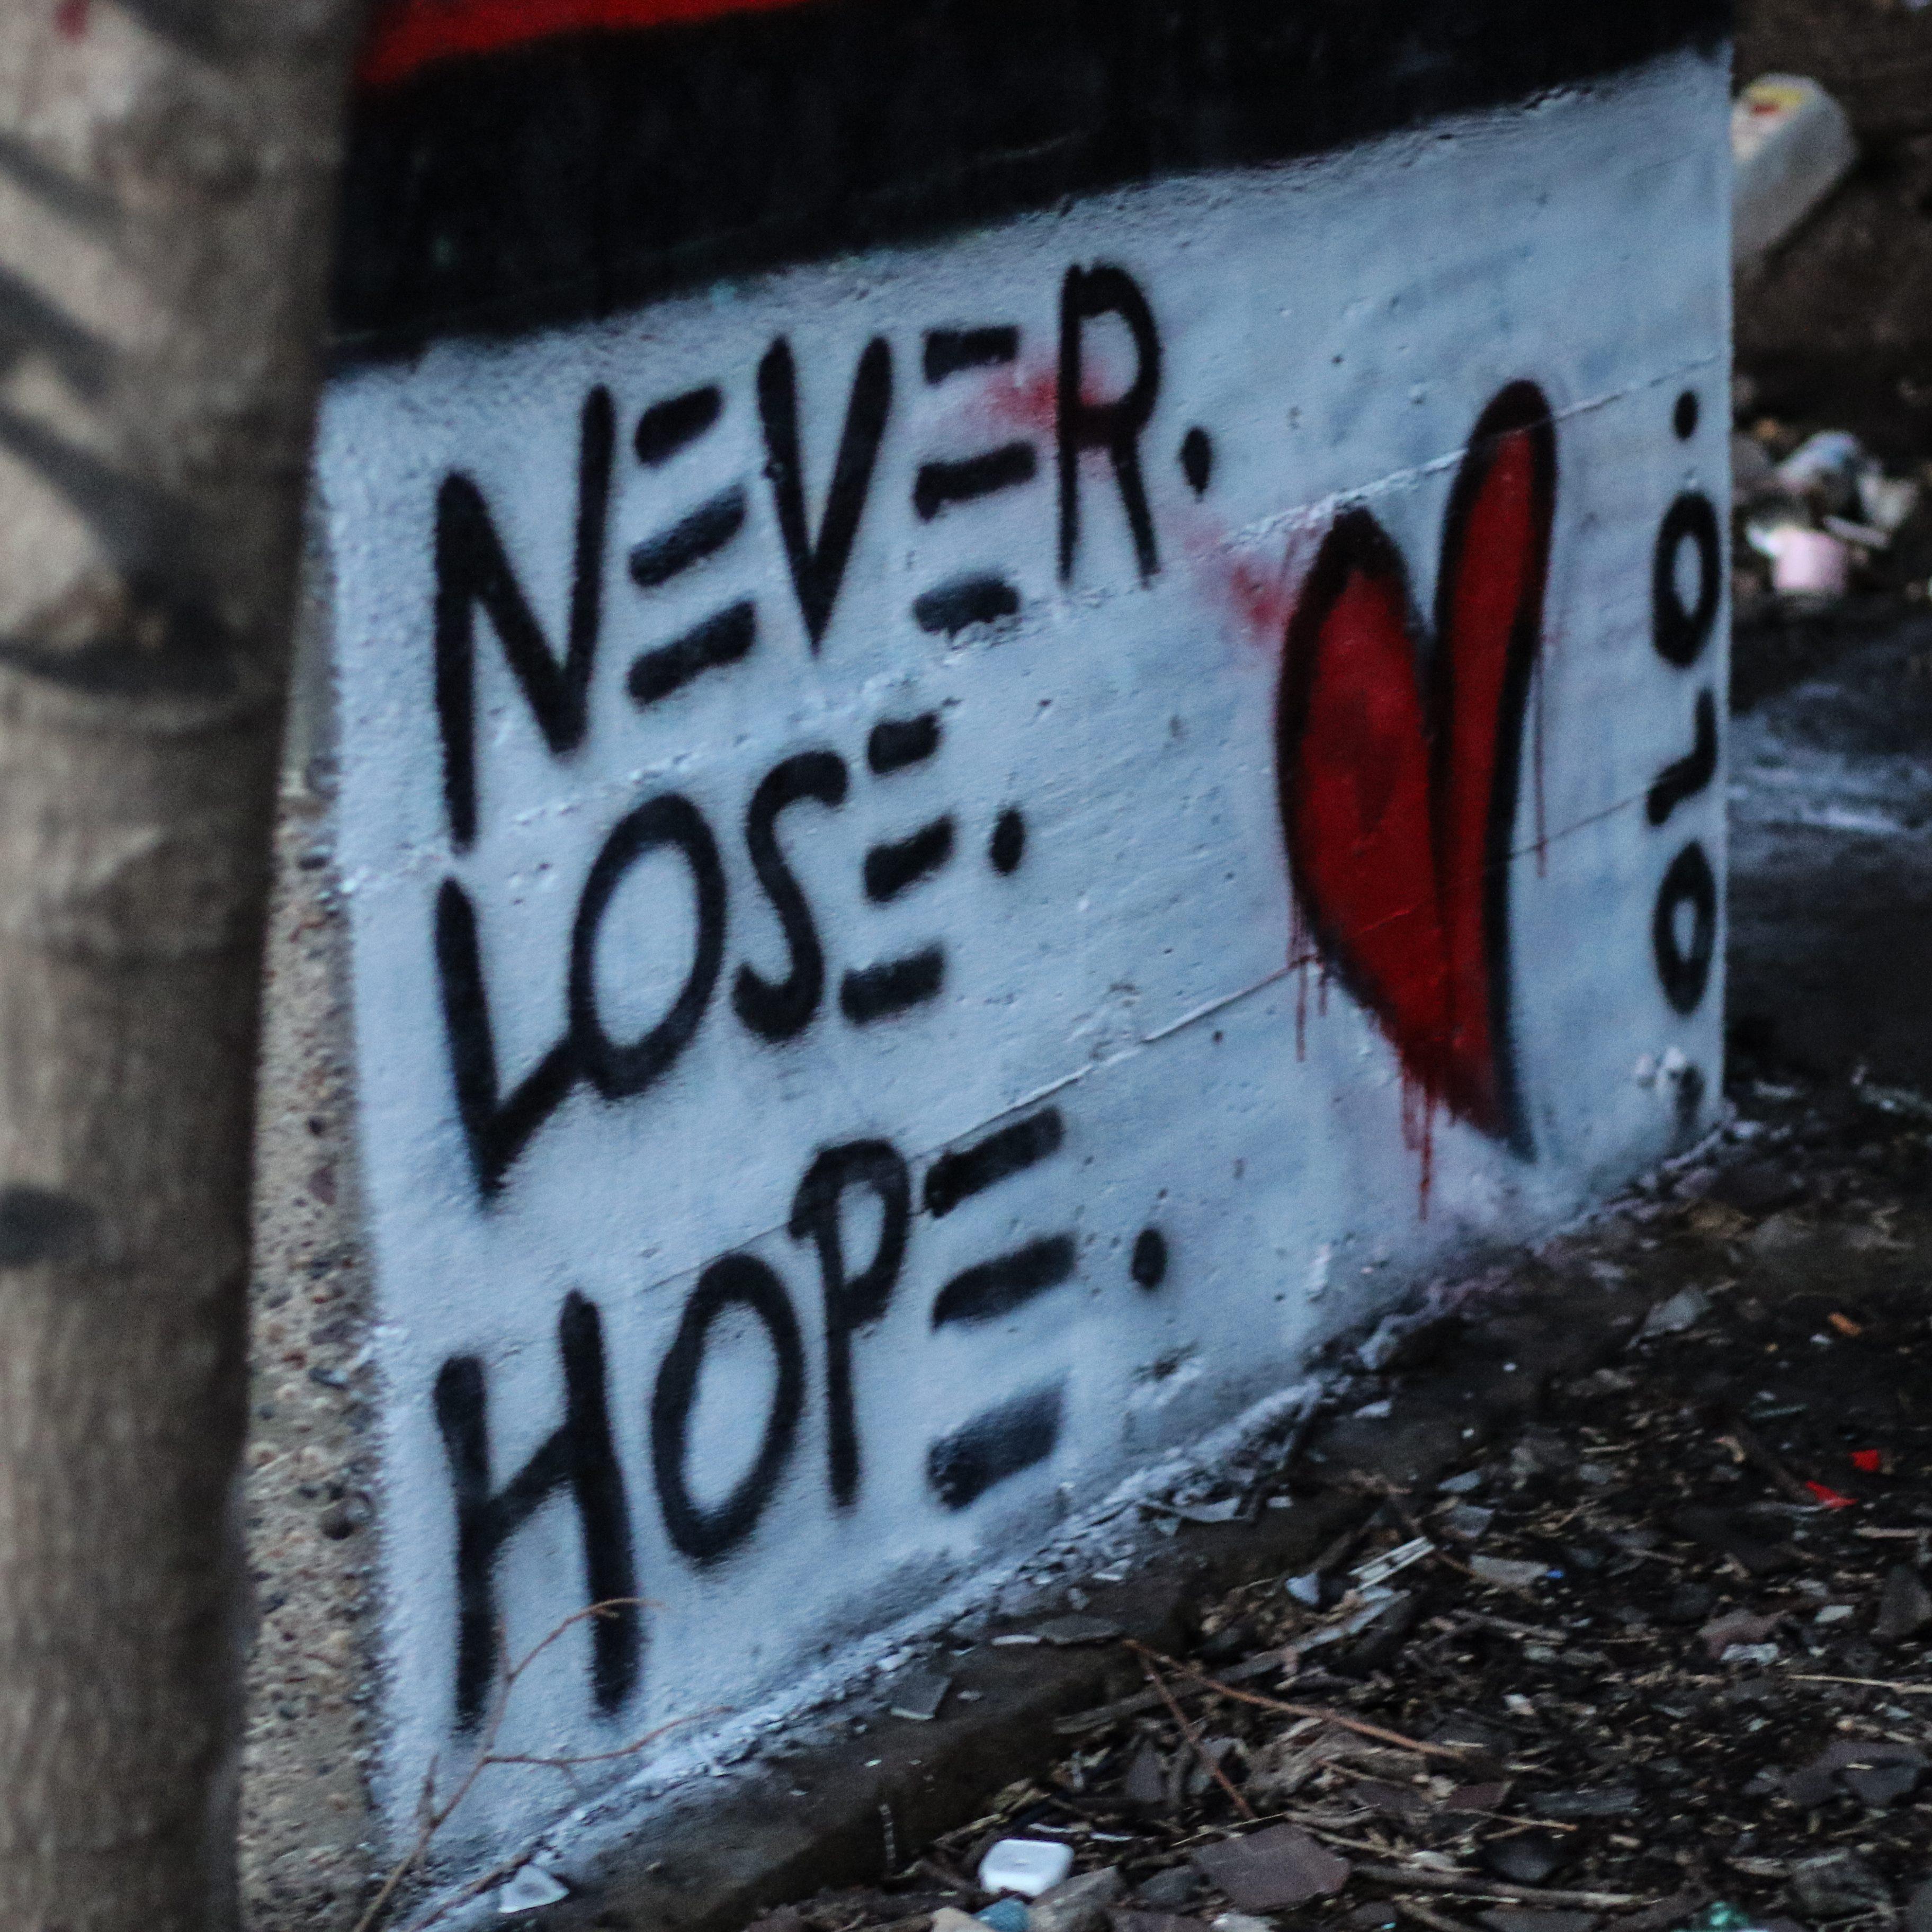 Graffiti (Photo by Hope)